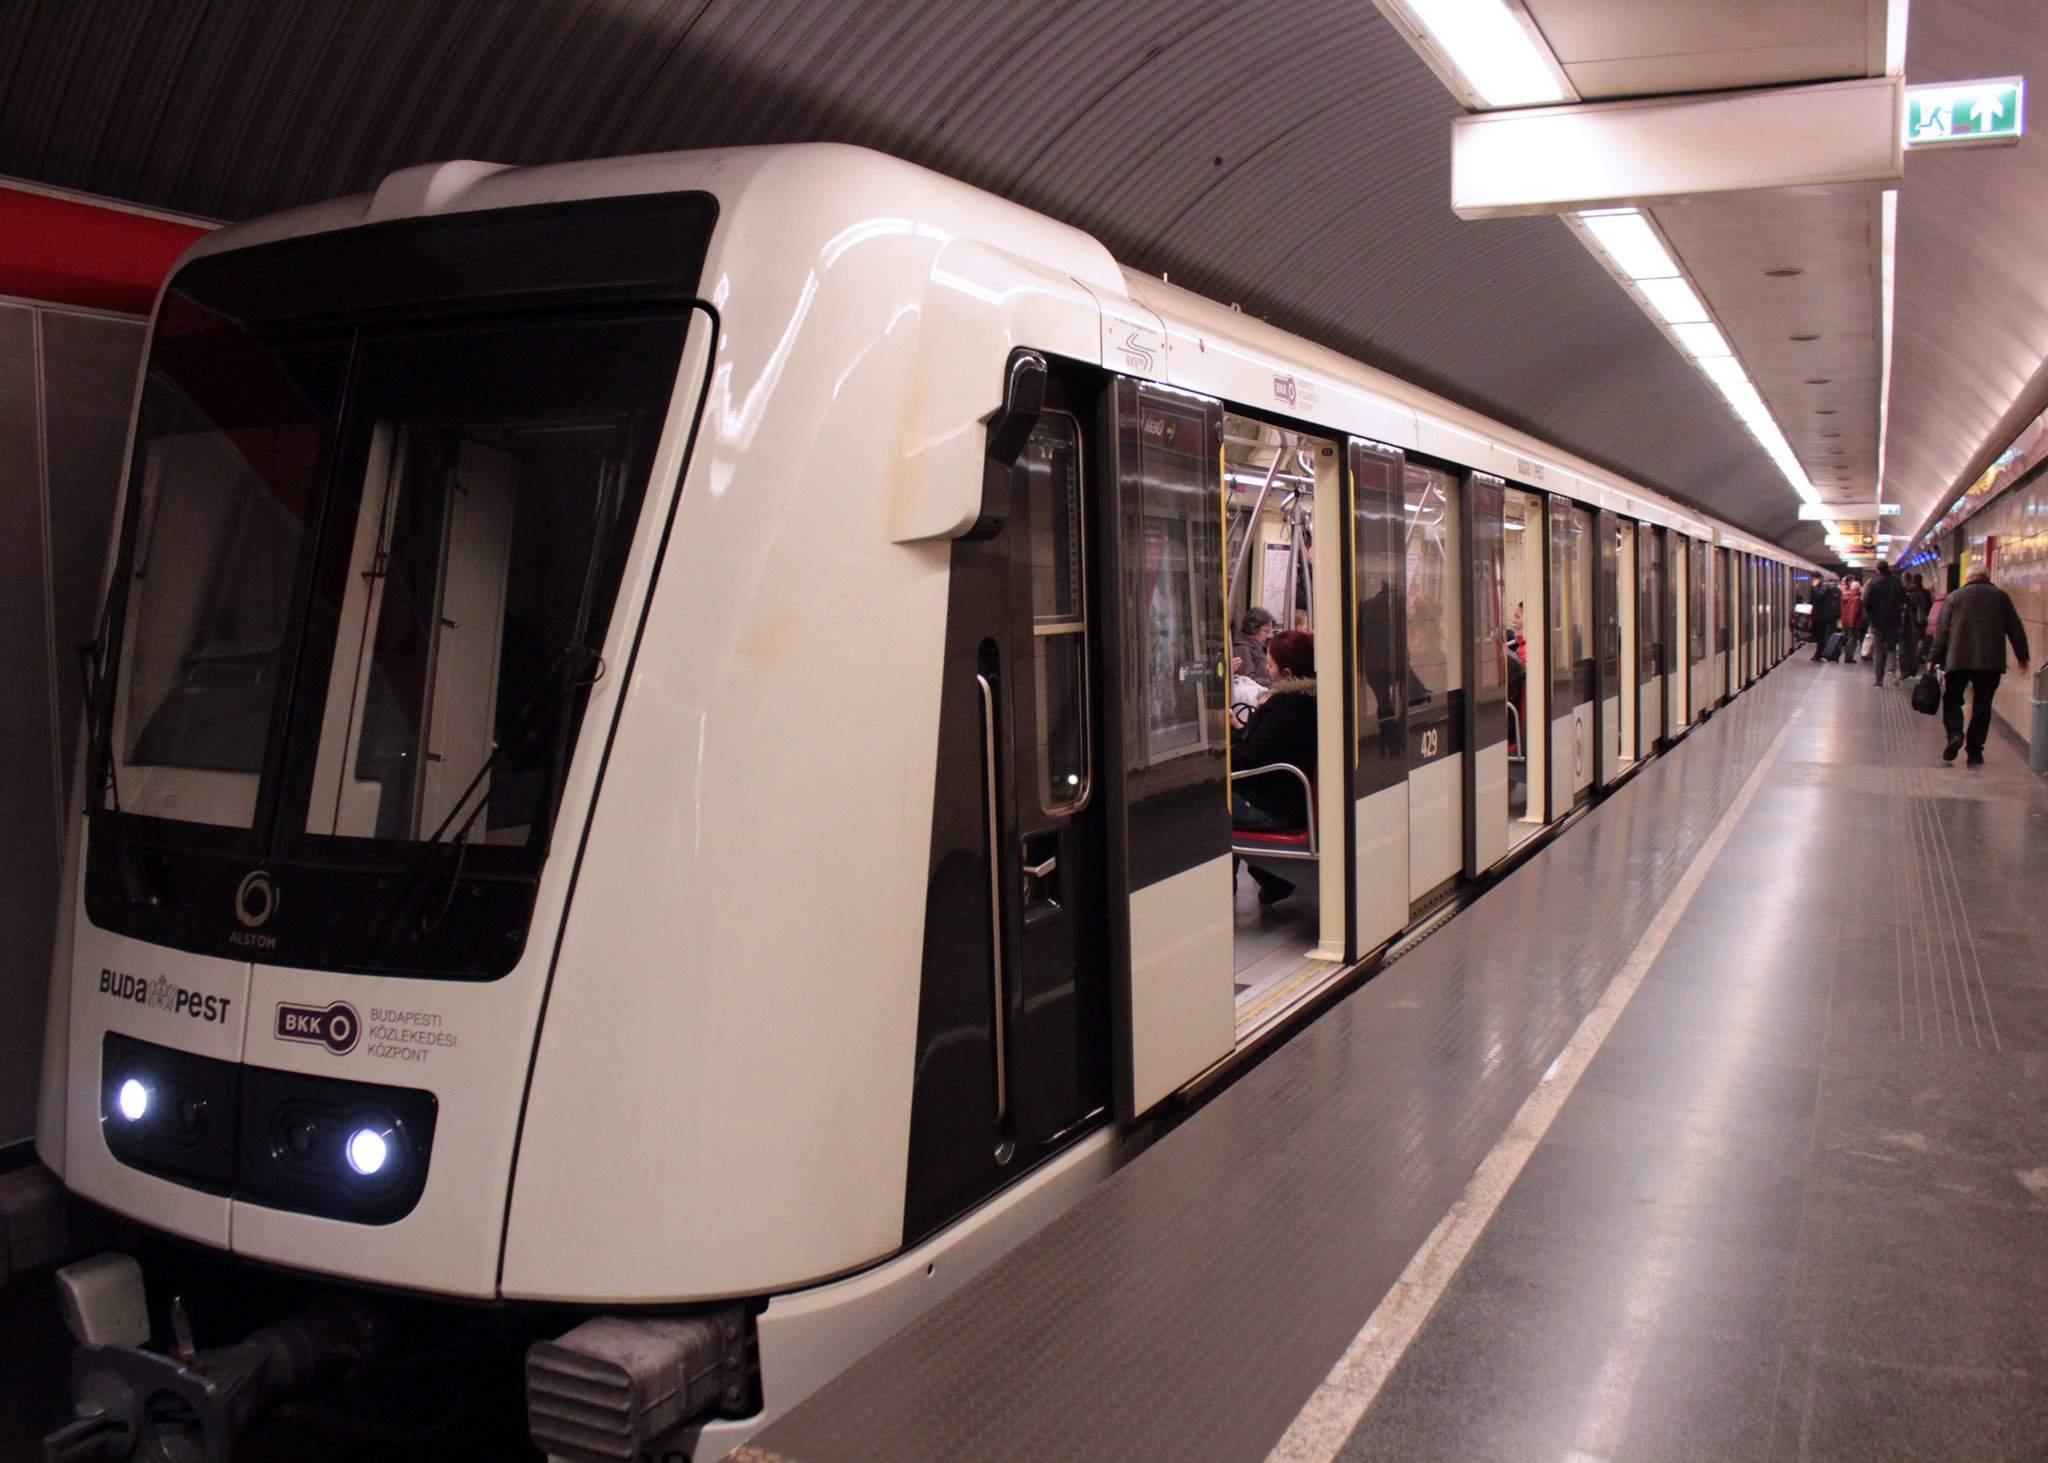 bkk-m2-metro-budapest alstom